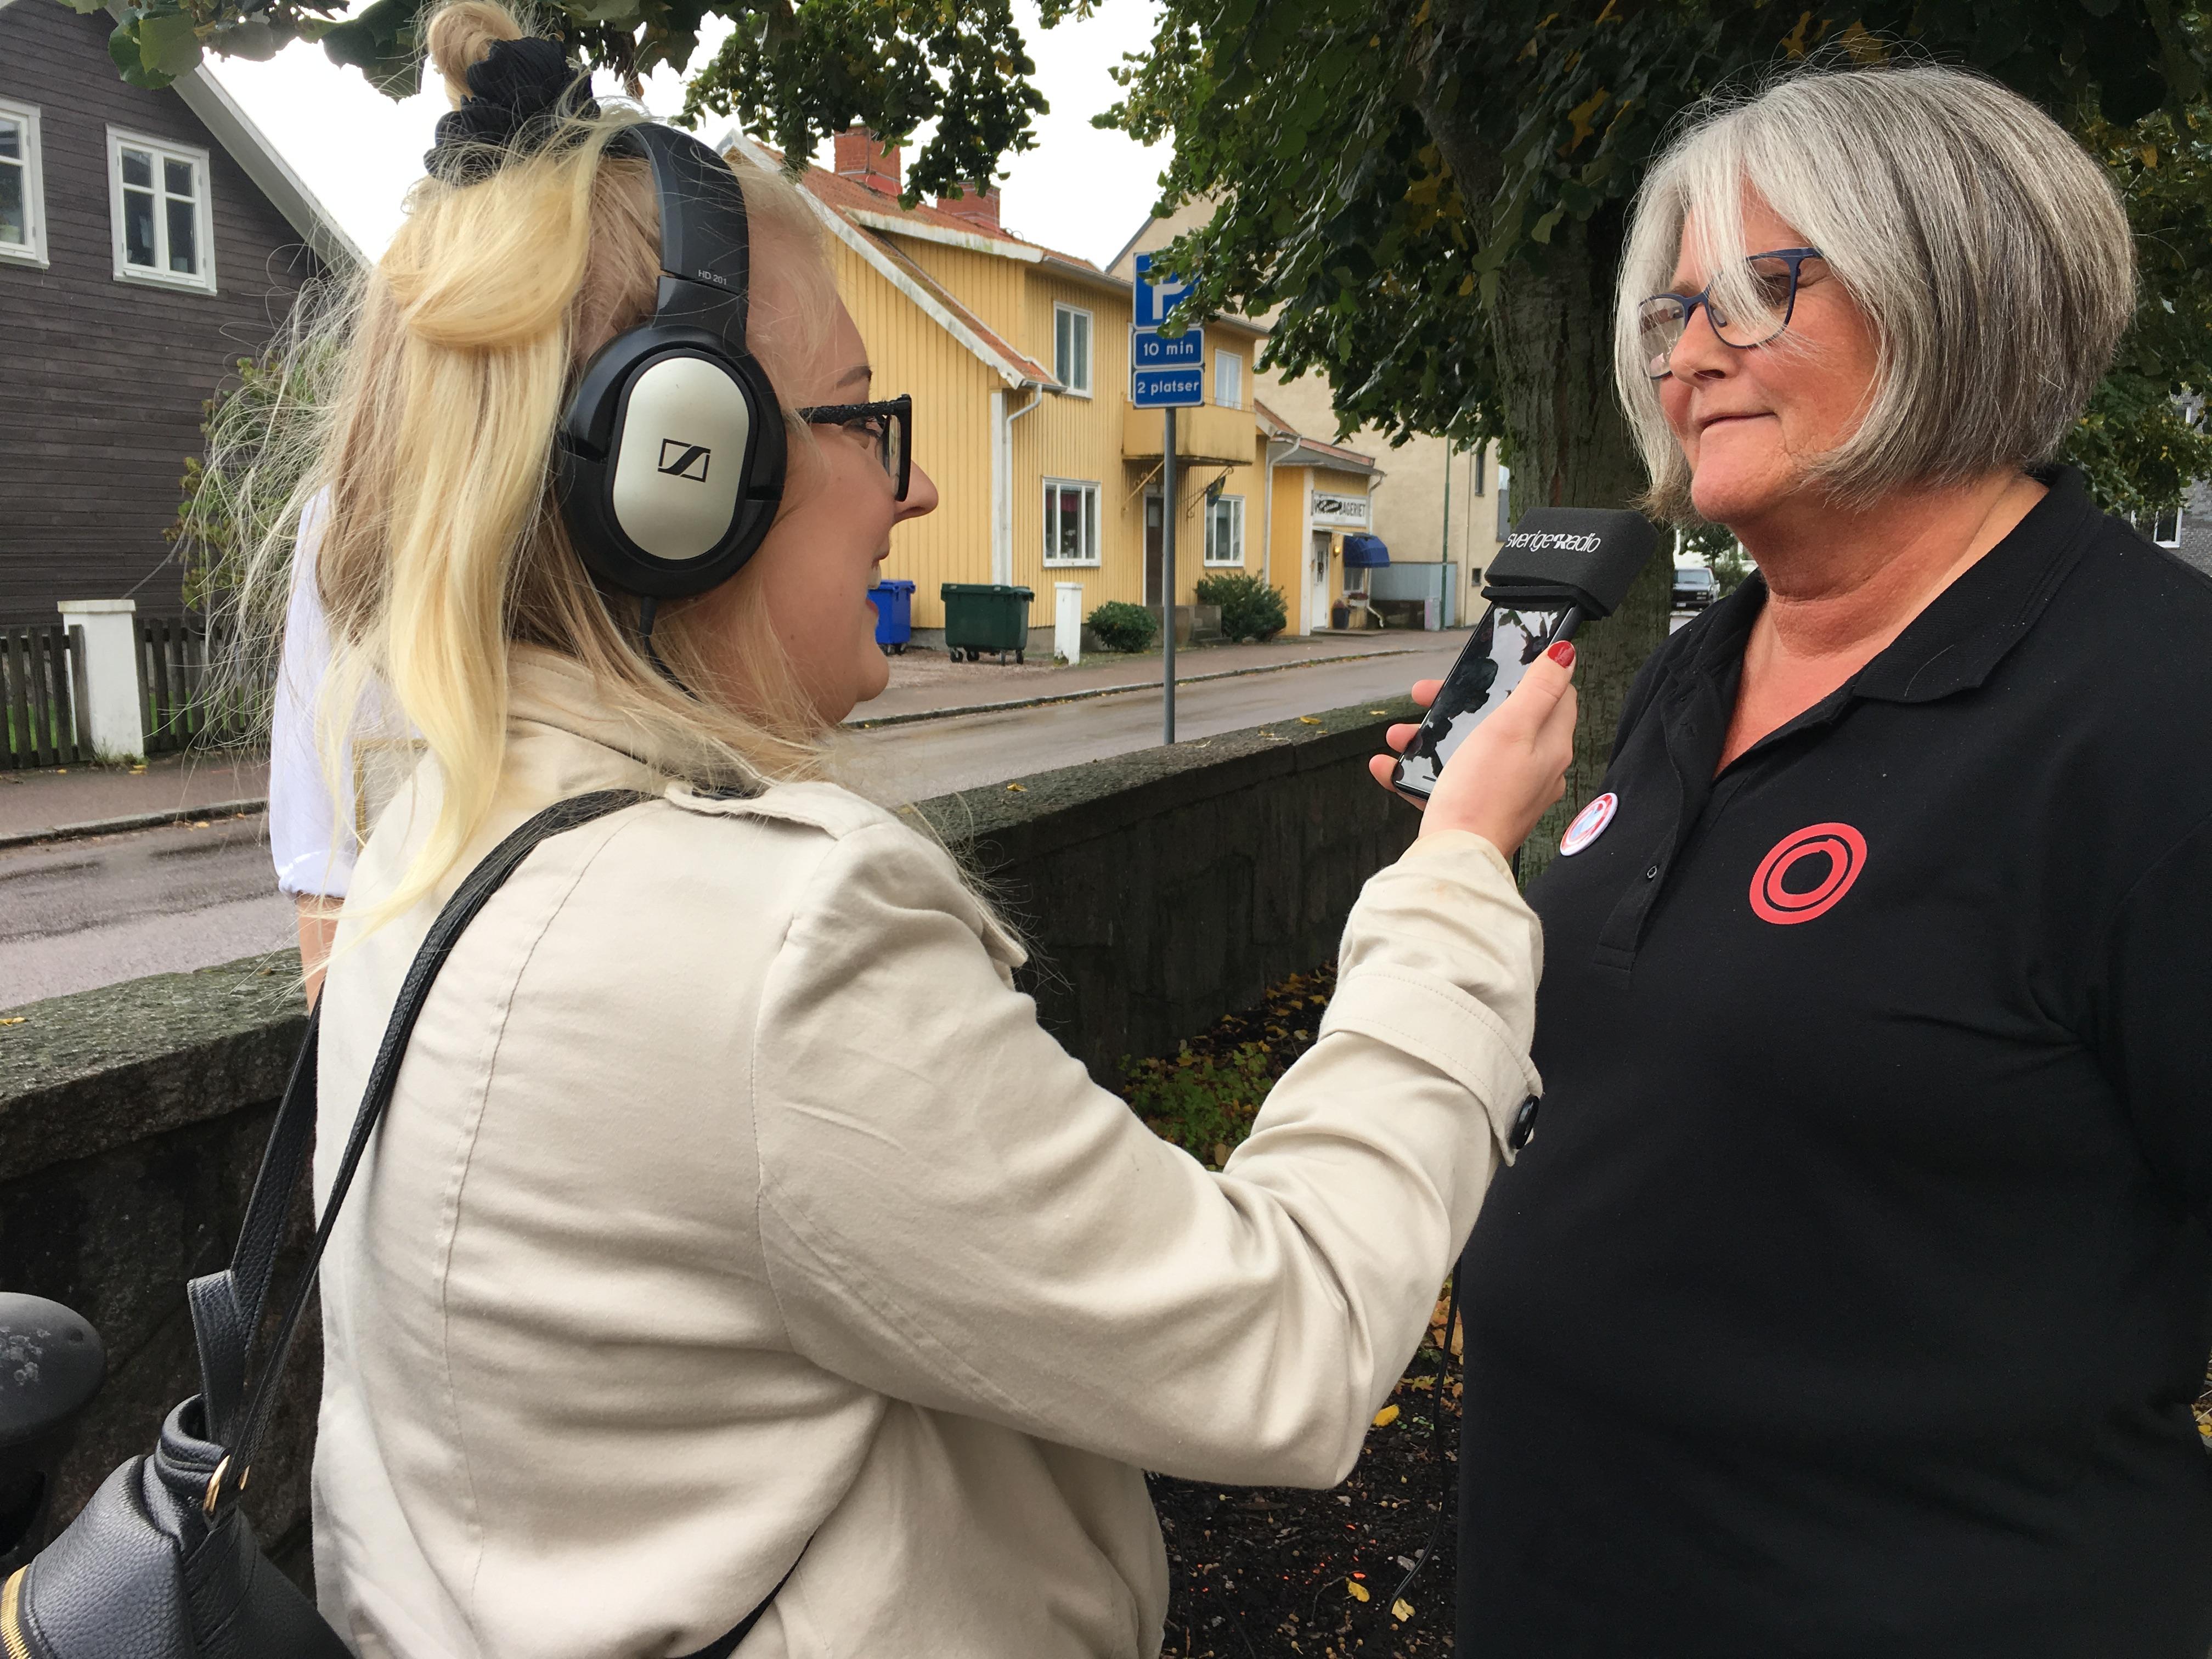 Årets FUB-aktivist 2019 Inger Myrén intervjuas av P4 Halland.